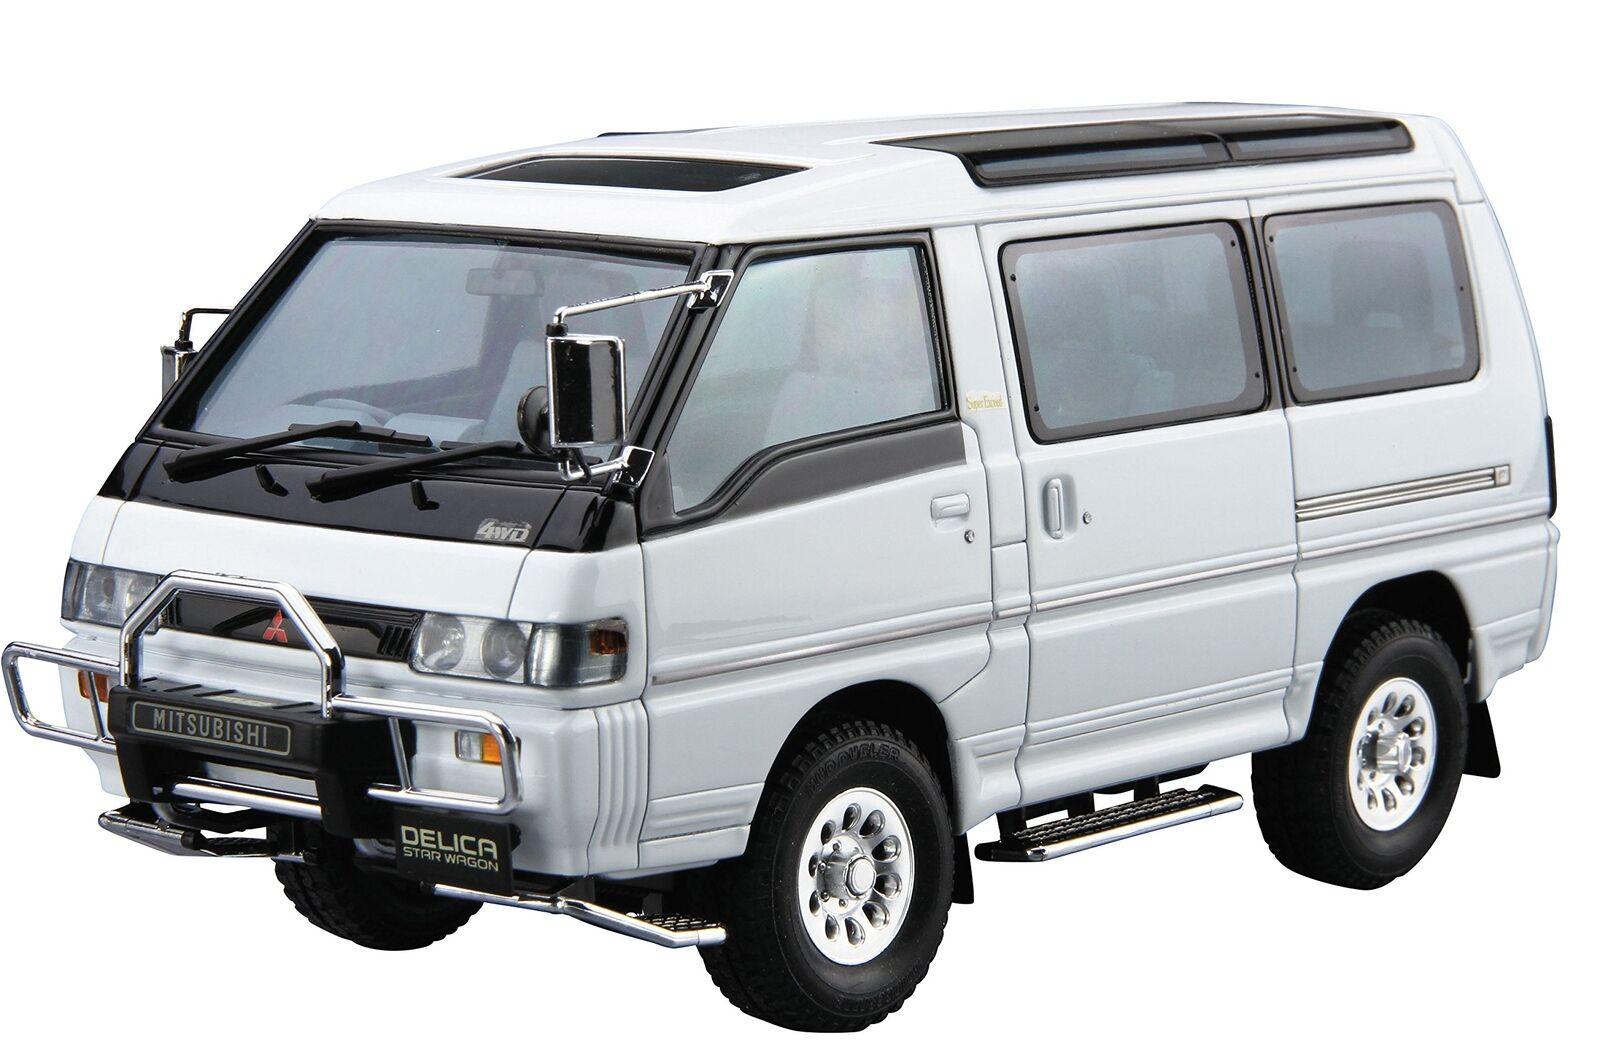 Aoshima 52334 The Model Car 27 Mitsubishi P35W Delica Star Wagon '91 1 24 scale